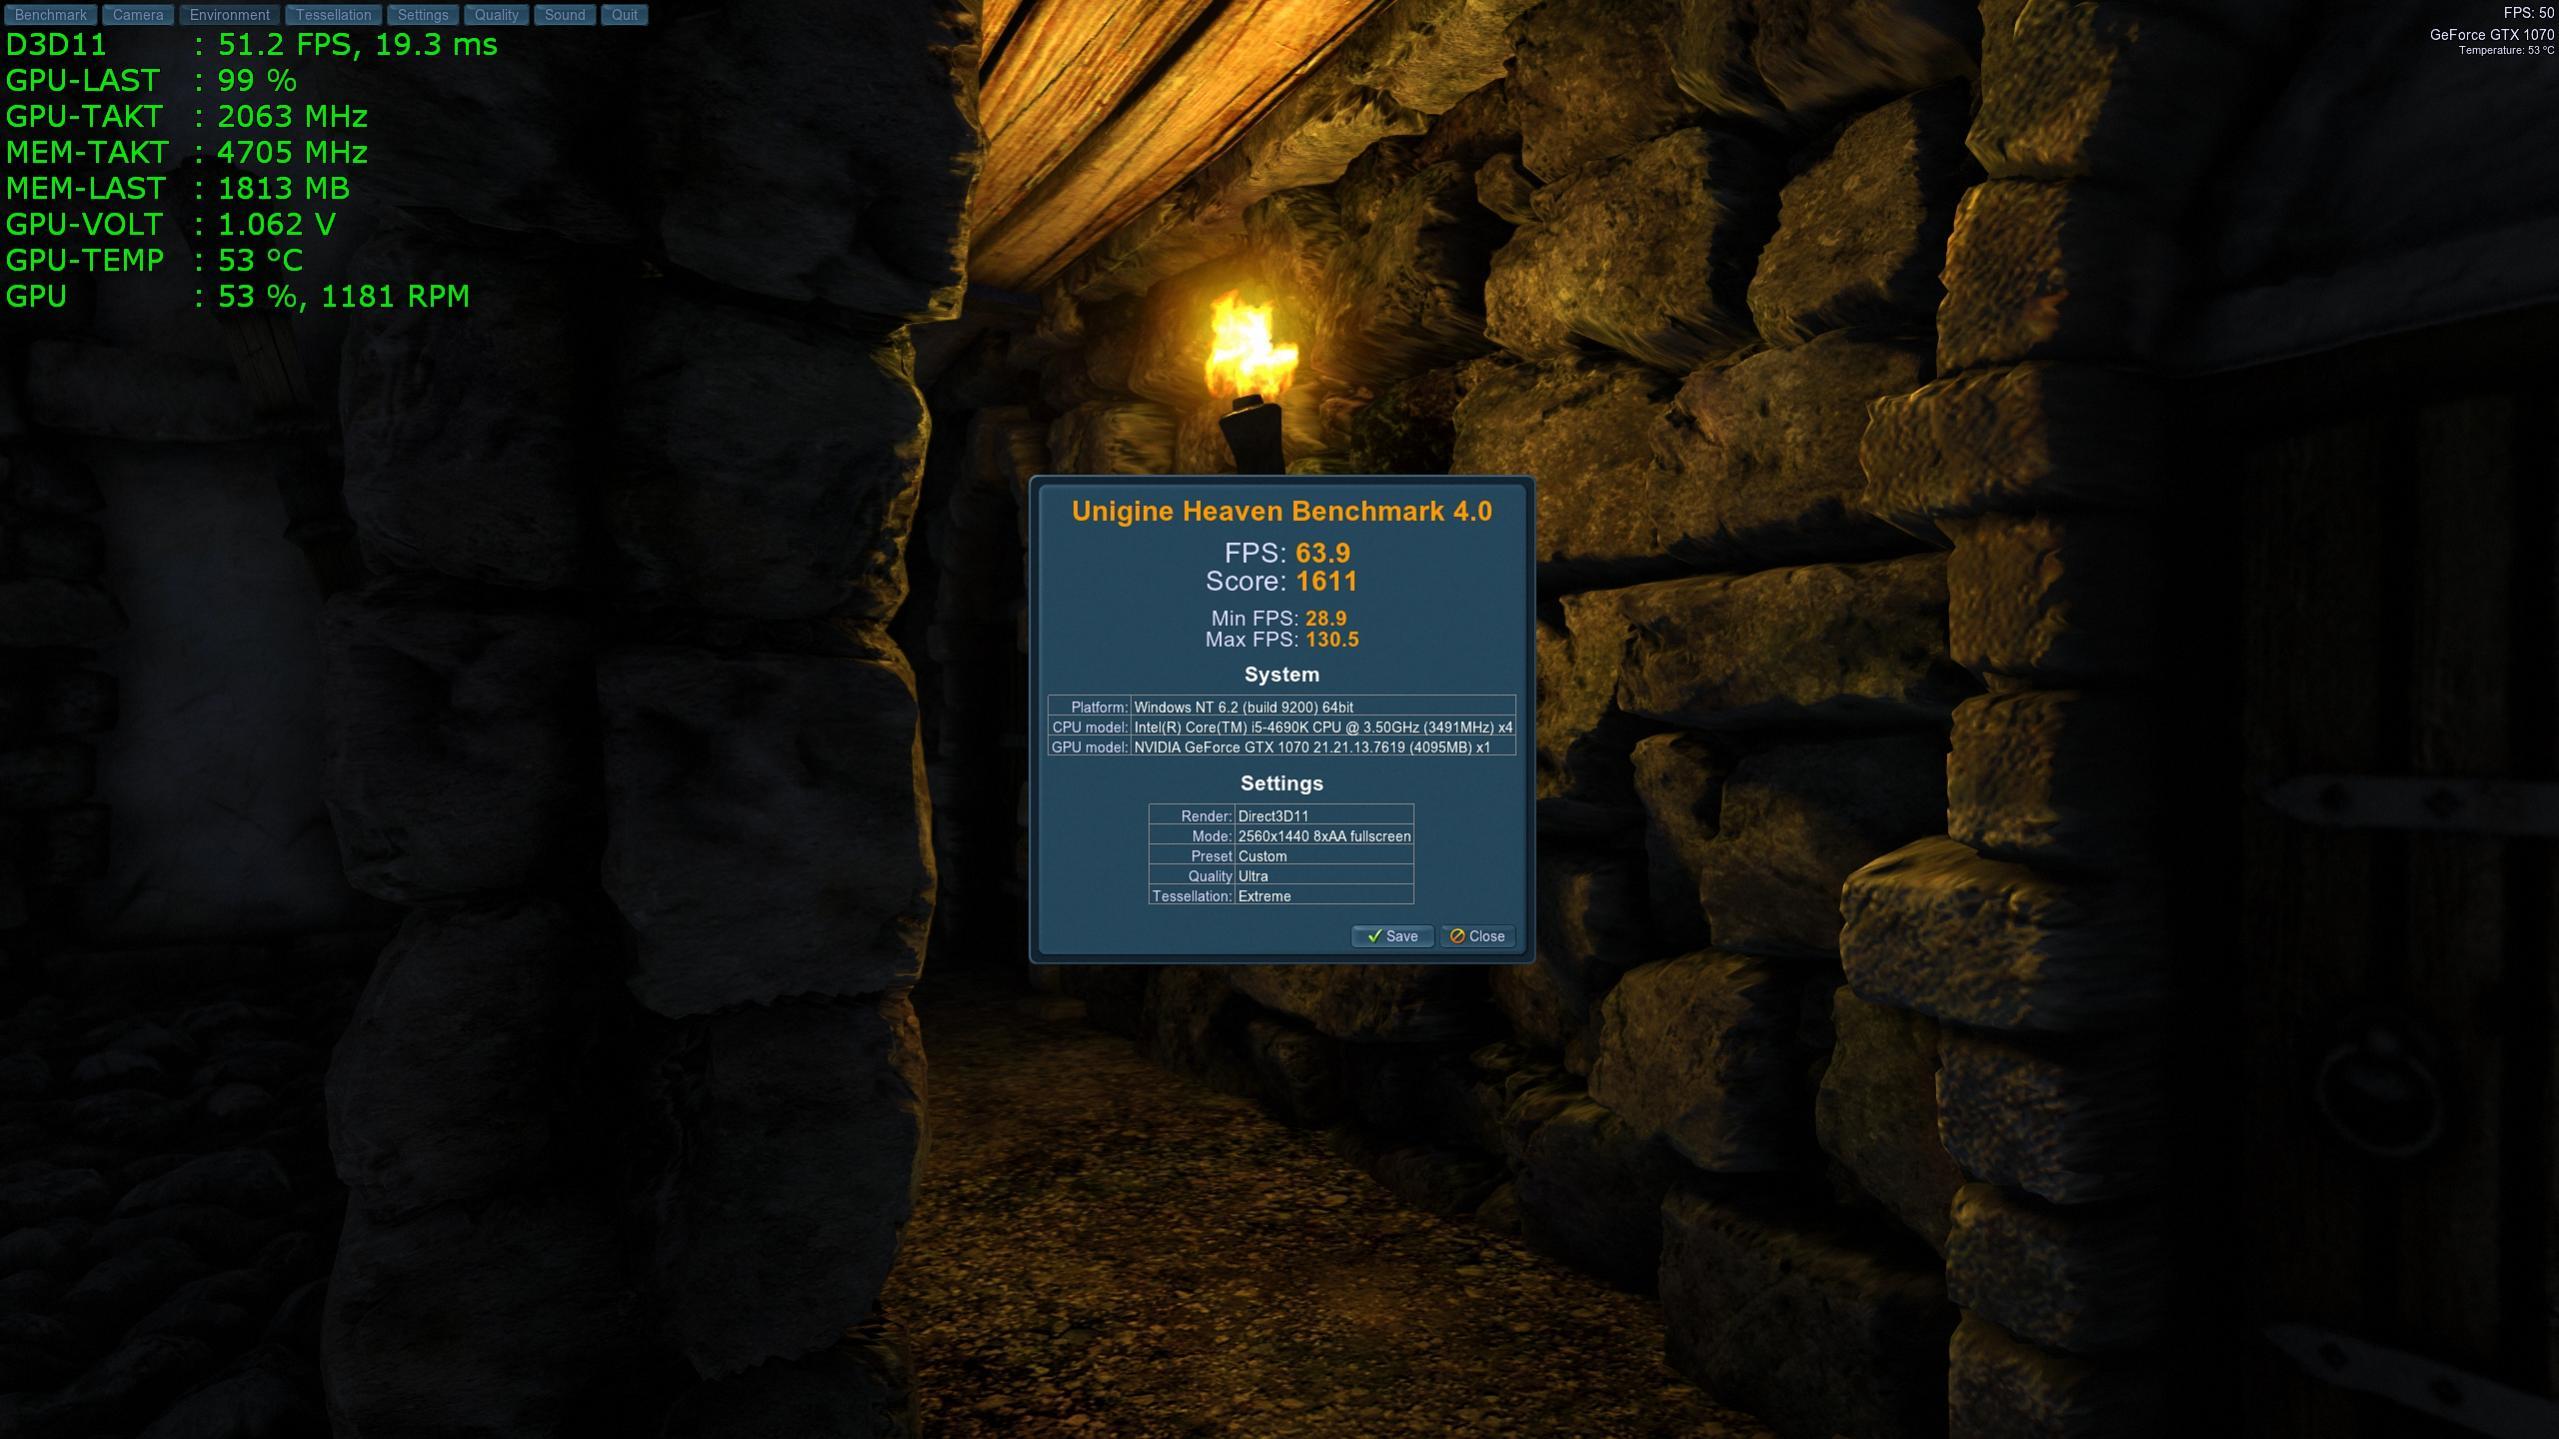 Klicke auf die Grafik für eine größere Ansicht  Name:MSI GTX 1070 Gaming X mit Unigine Heaven 4.0.jpg Hits:216 Größe:298,7 KB ID:596523